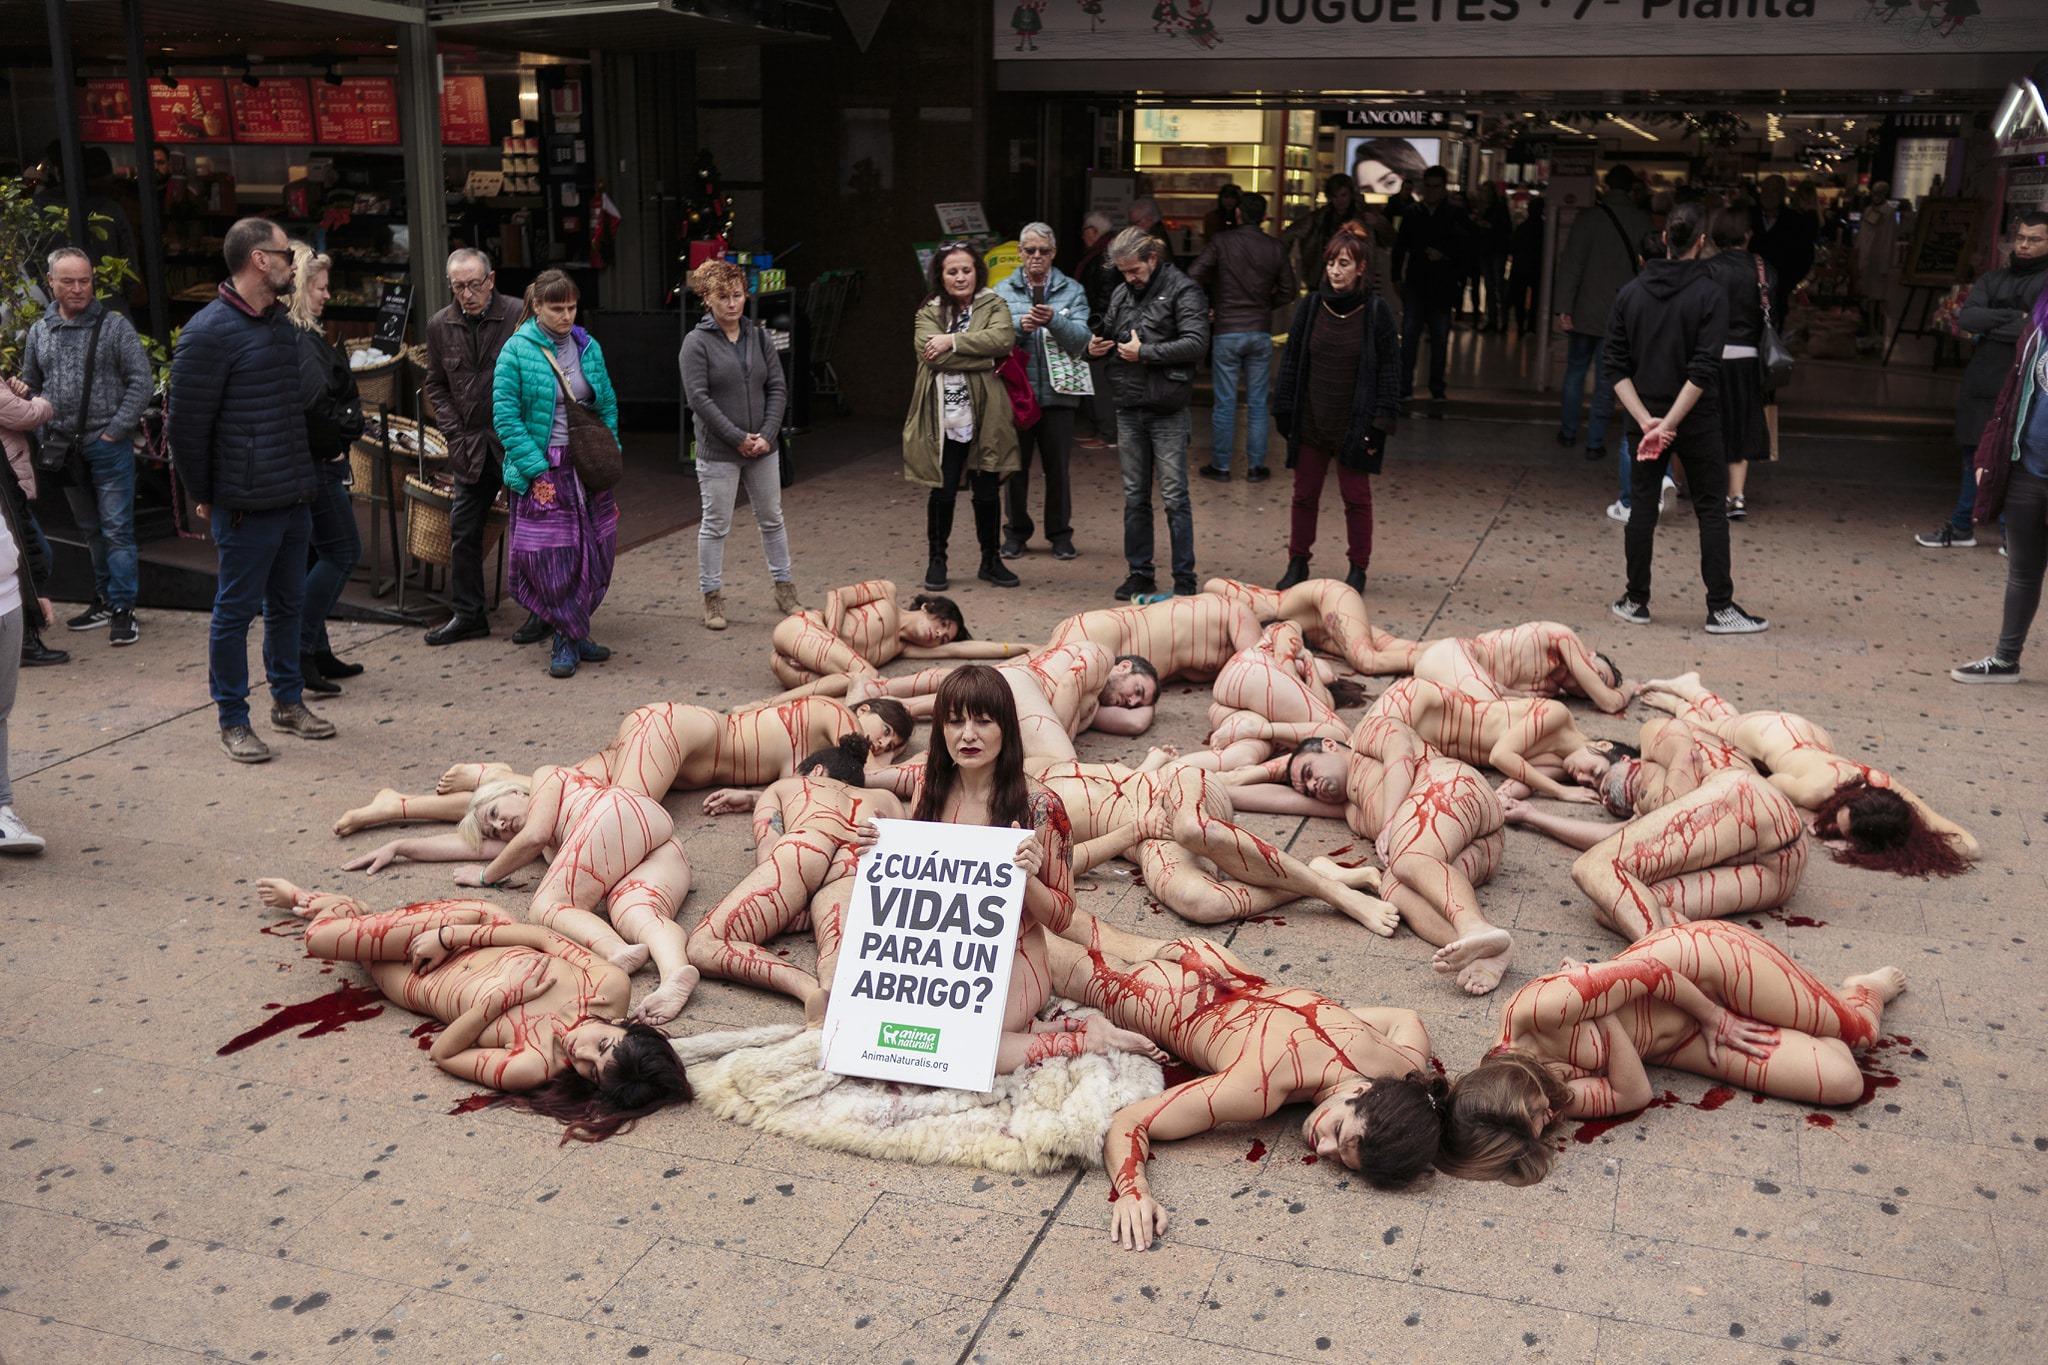 Una veintena de activistas protestan contra la venta de pieles en El Corte Inglés de Alicante